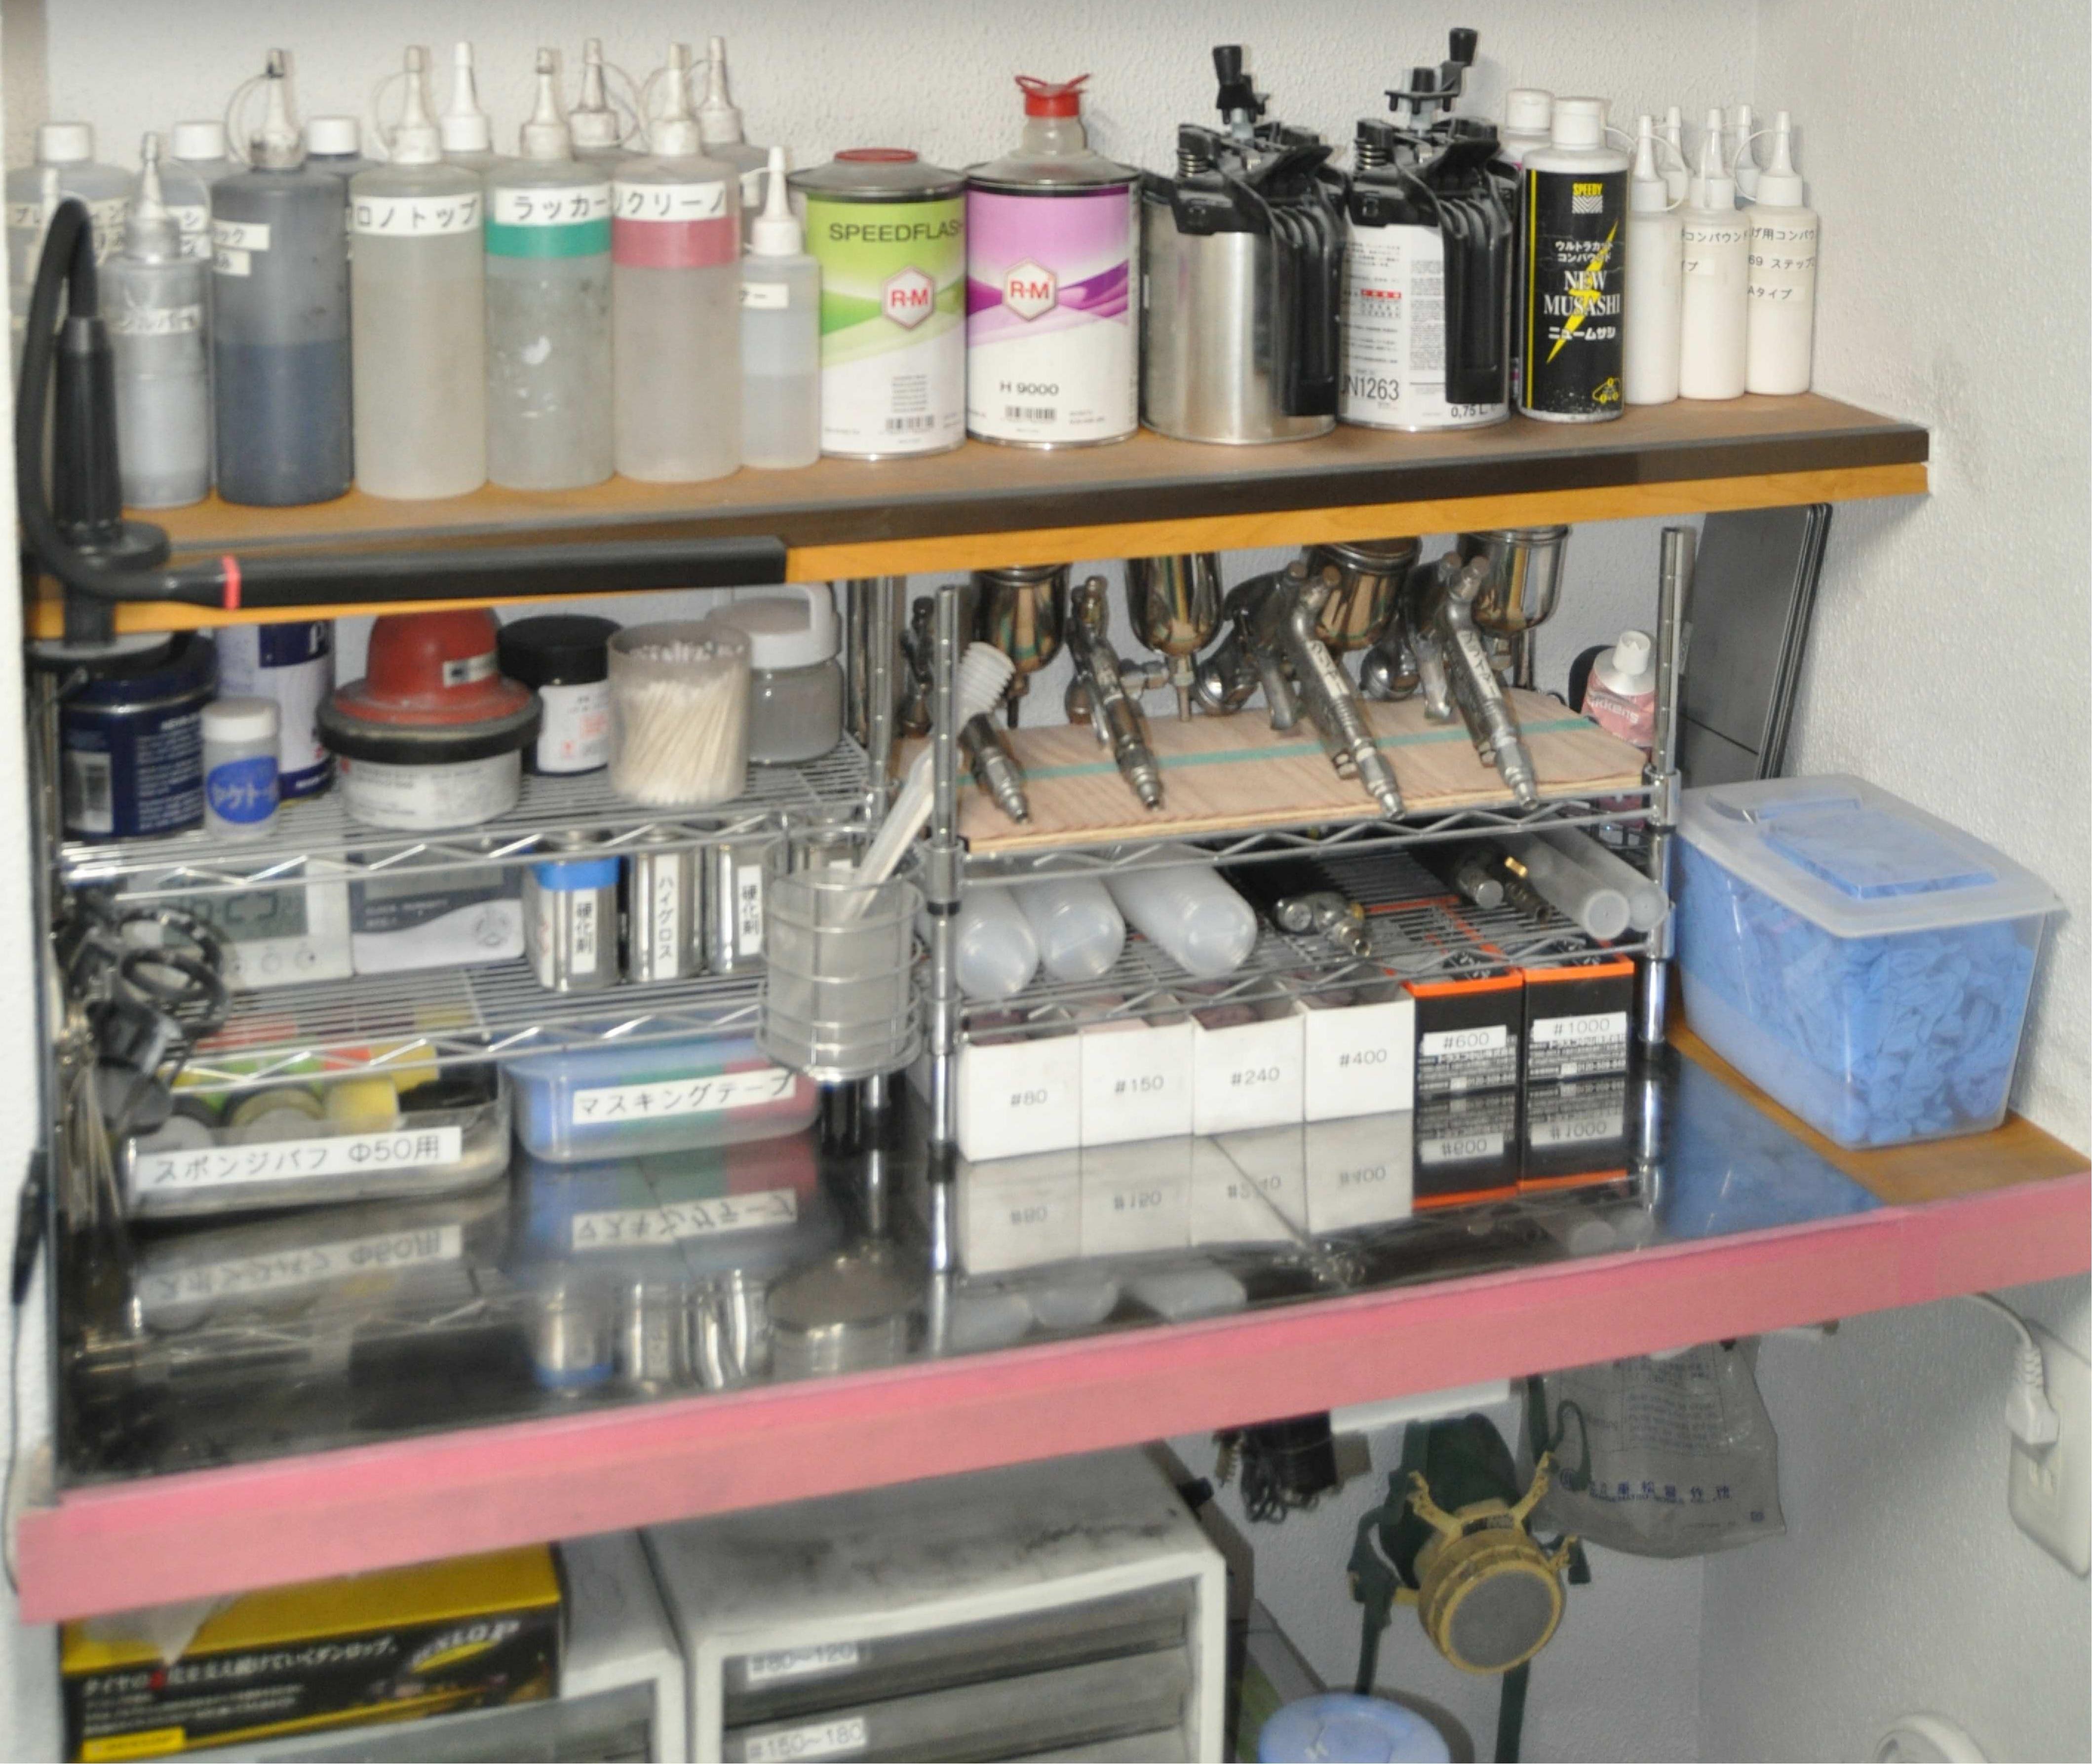 様々な薬剤や器具が揃うプロの仕事場。